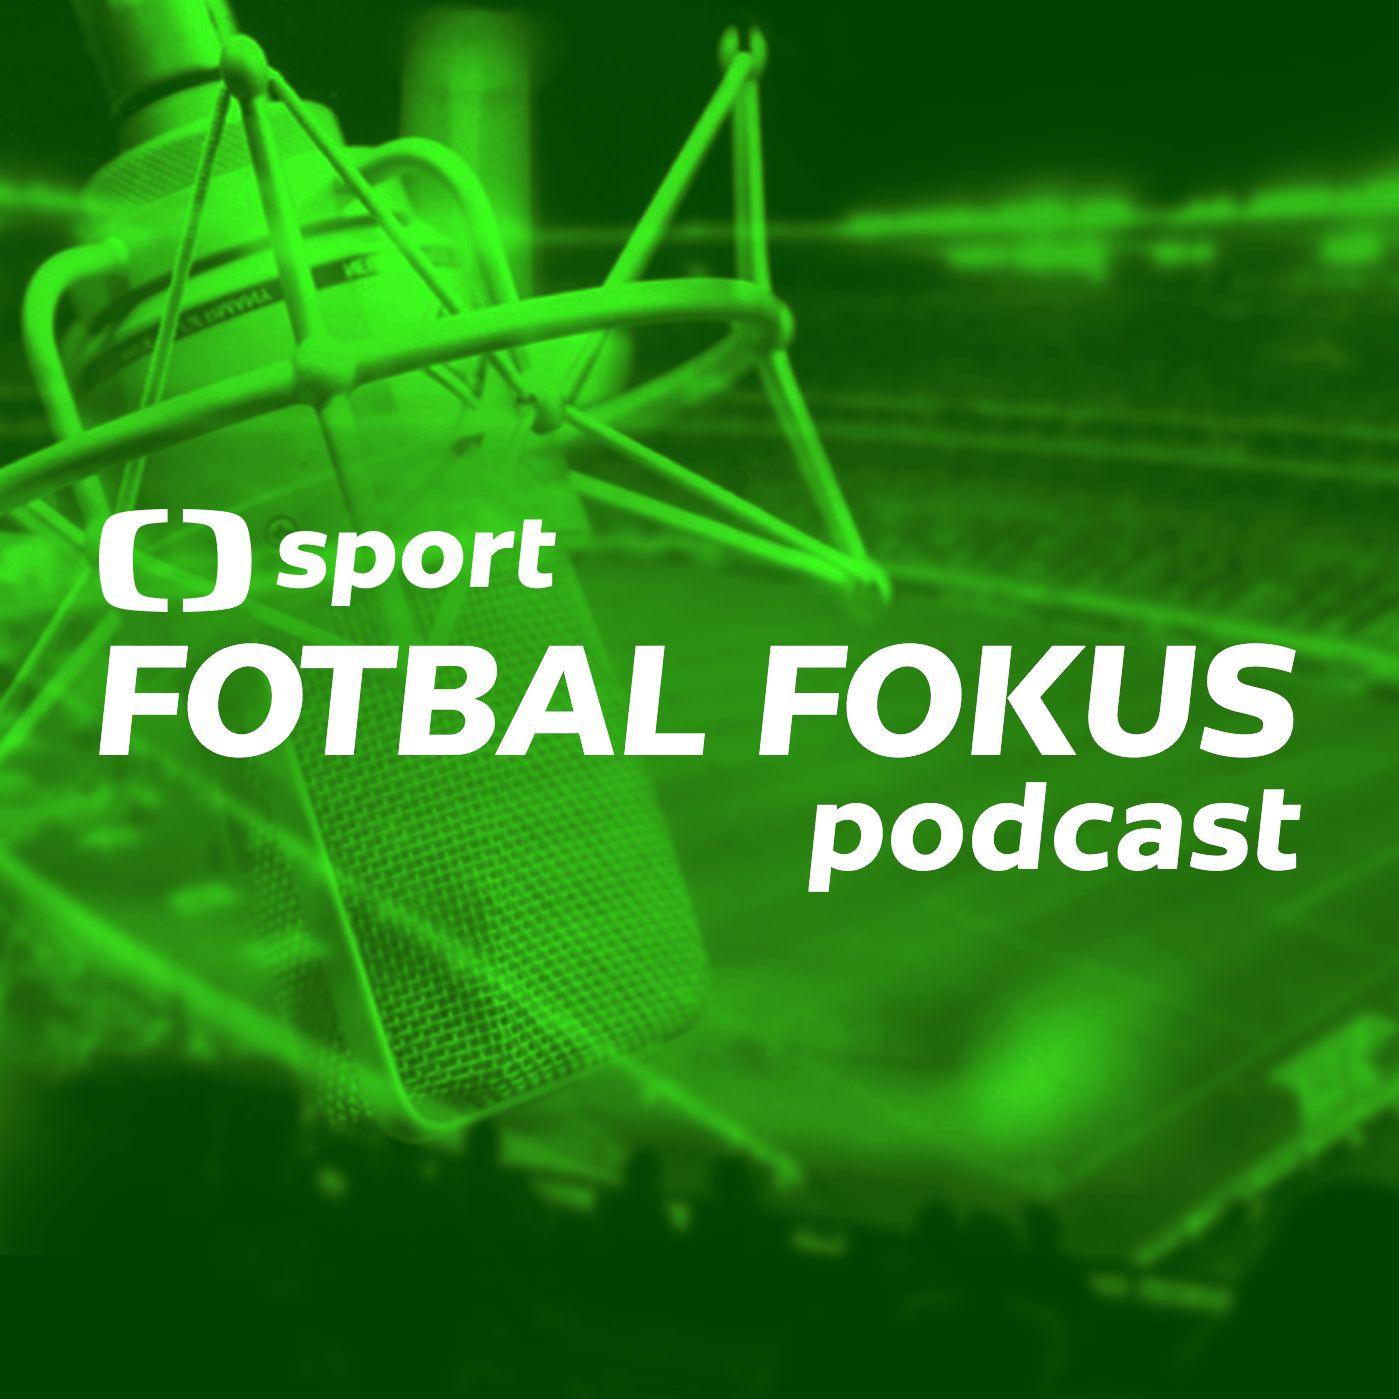 Fotbal fokus podcast: Rodí se v české jednadvacítce zlatá generace, anebo máme krotit emoce?